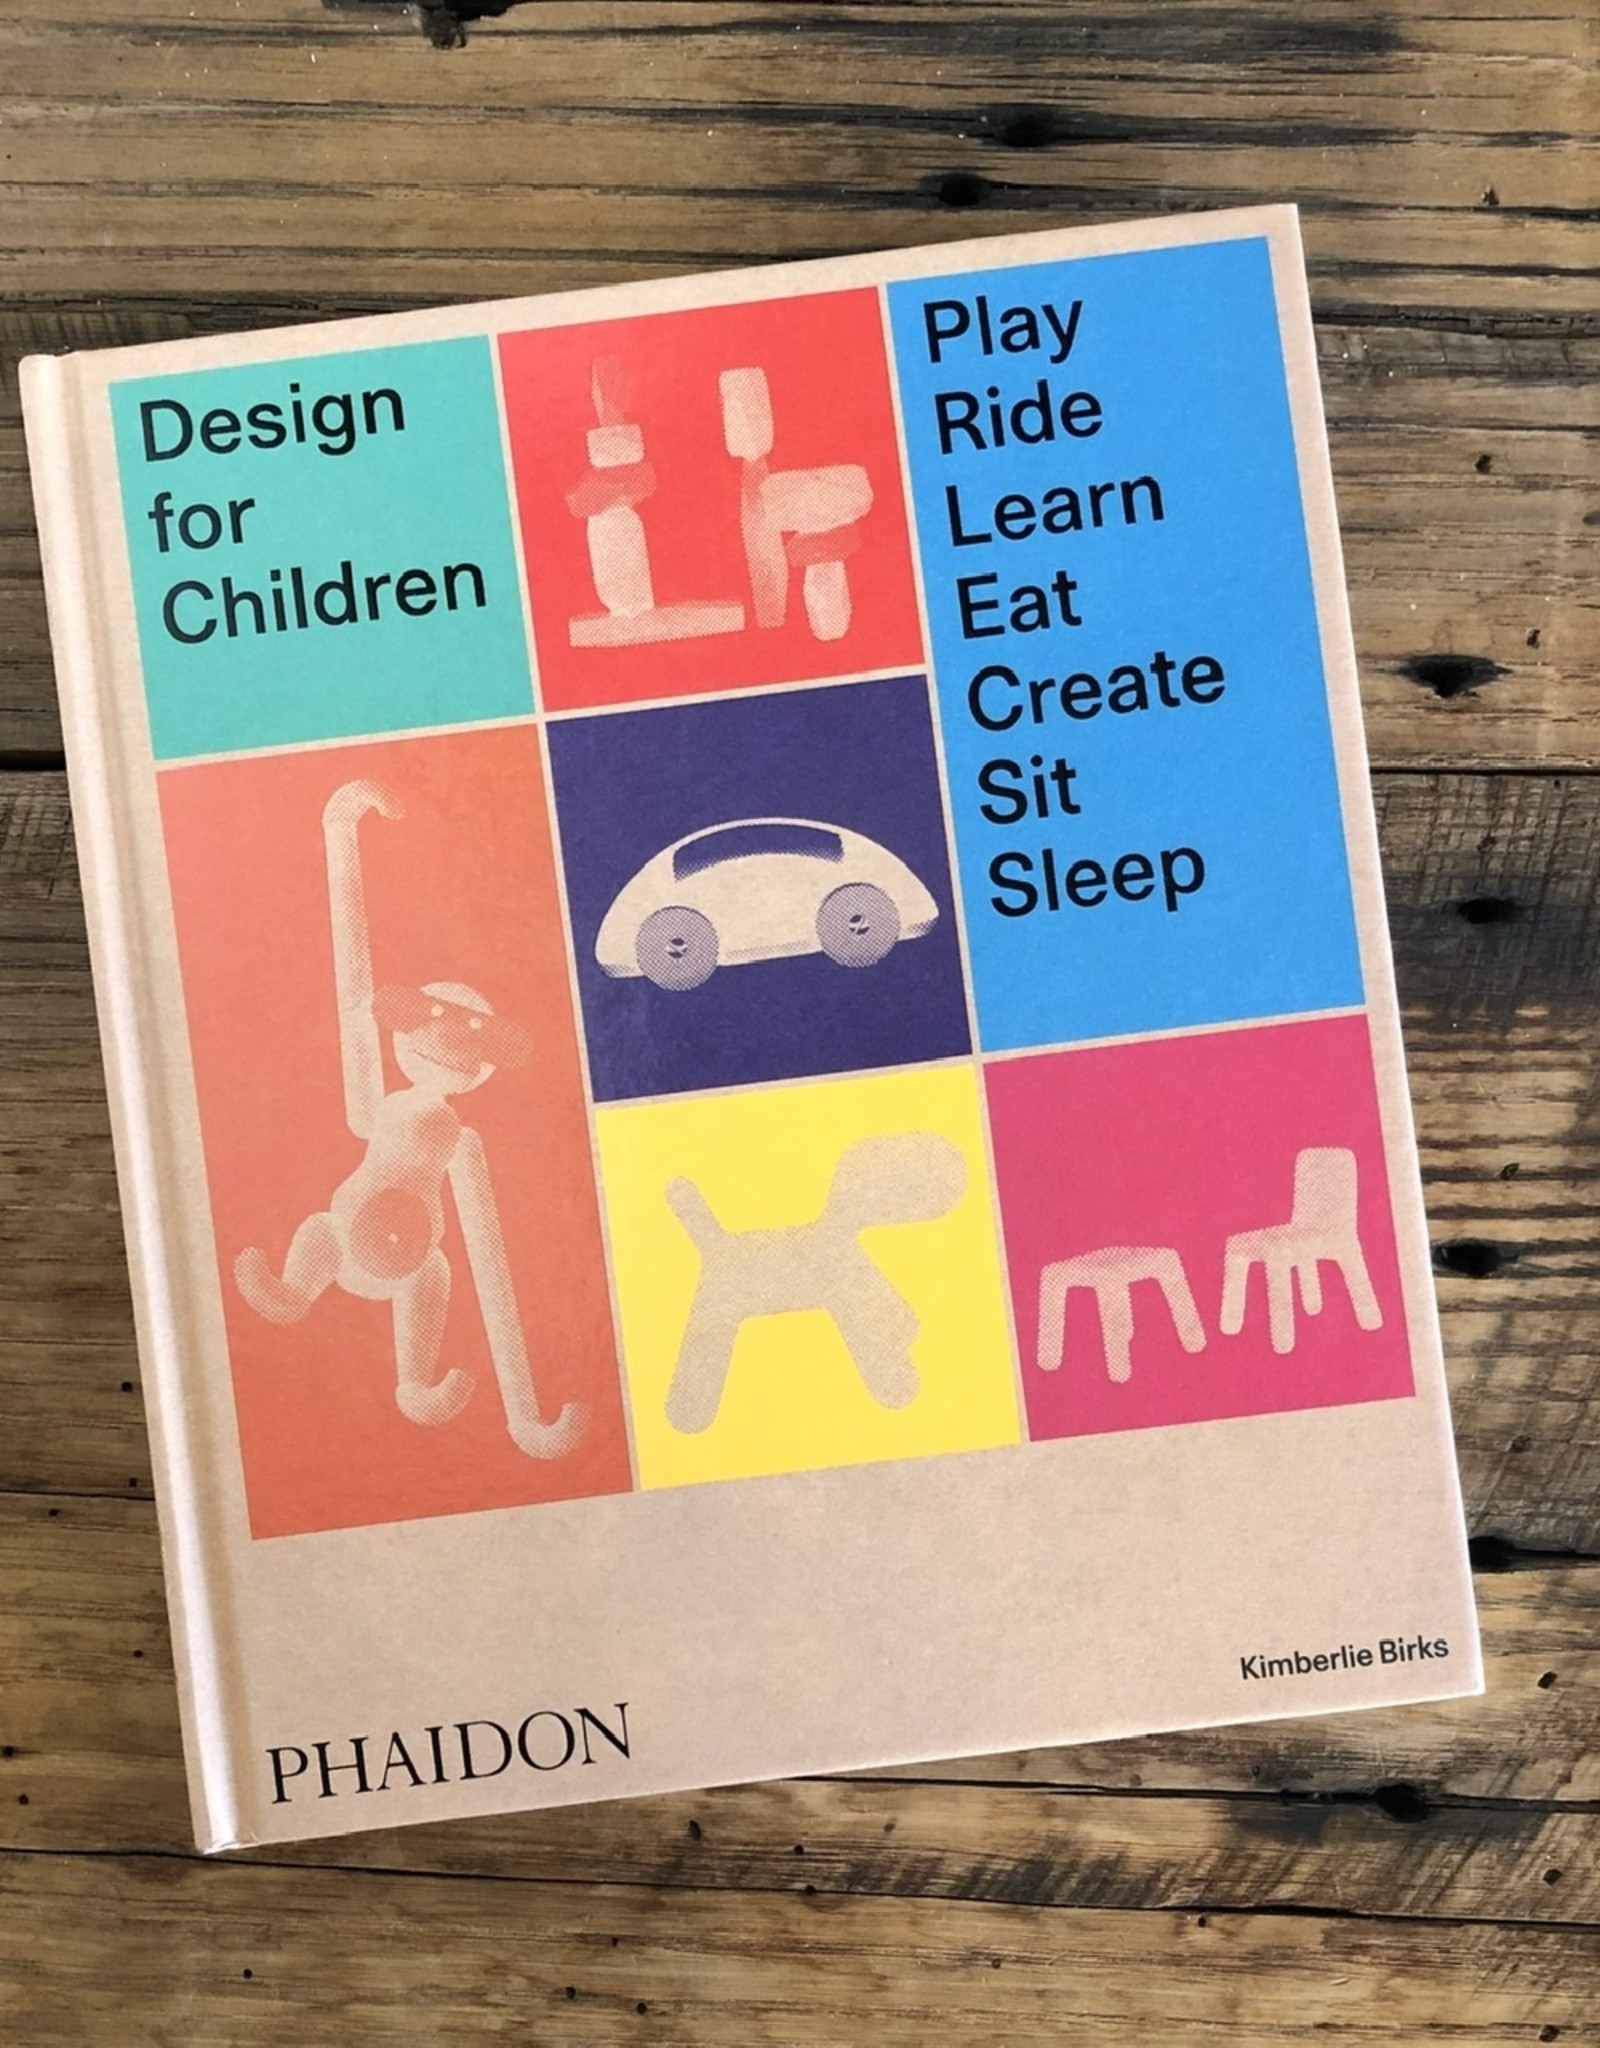 Design for Children